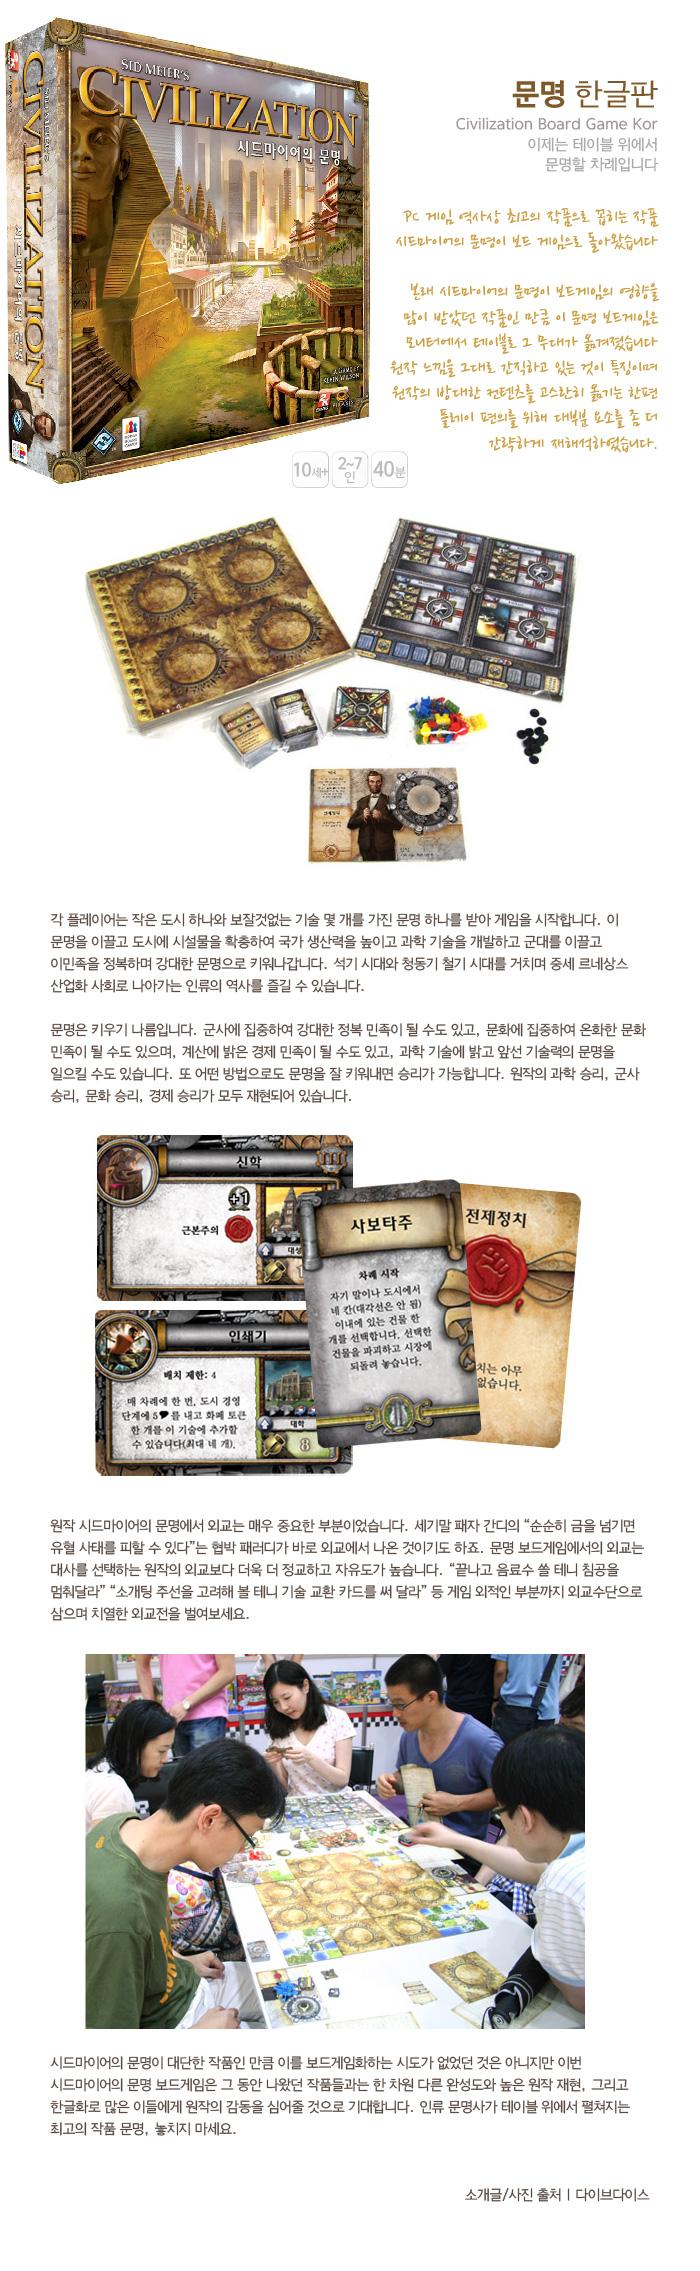 [코리아보드게임즈] 문명 - 피에스컴퍼니, 61,200원, 보드게임, 퍼즐 게임